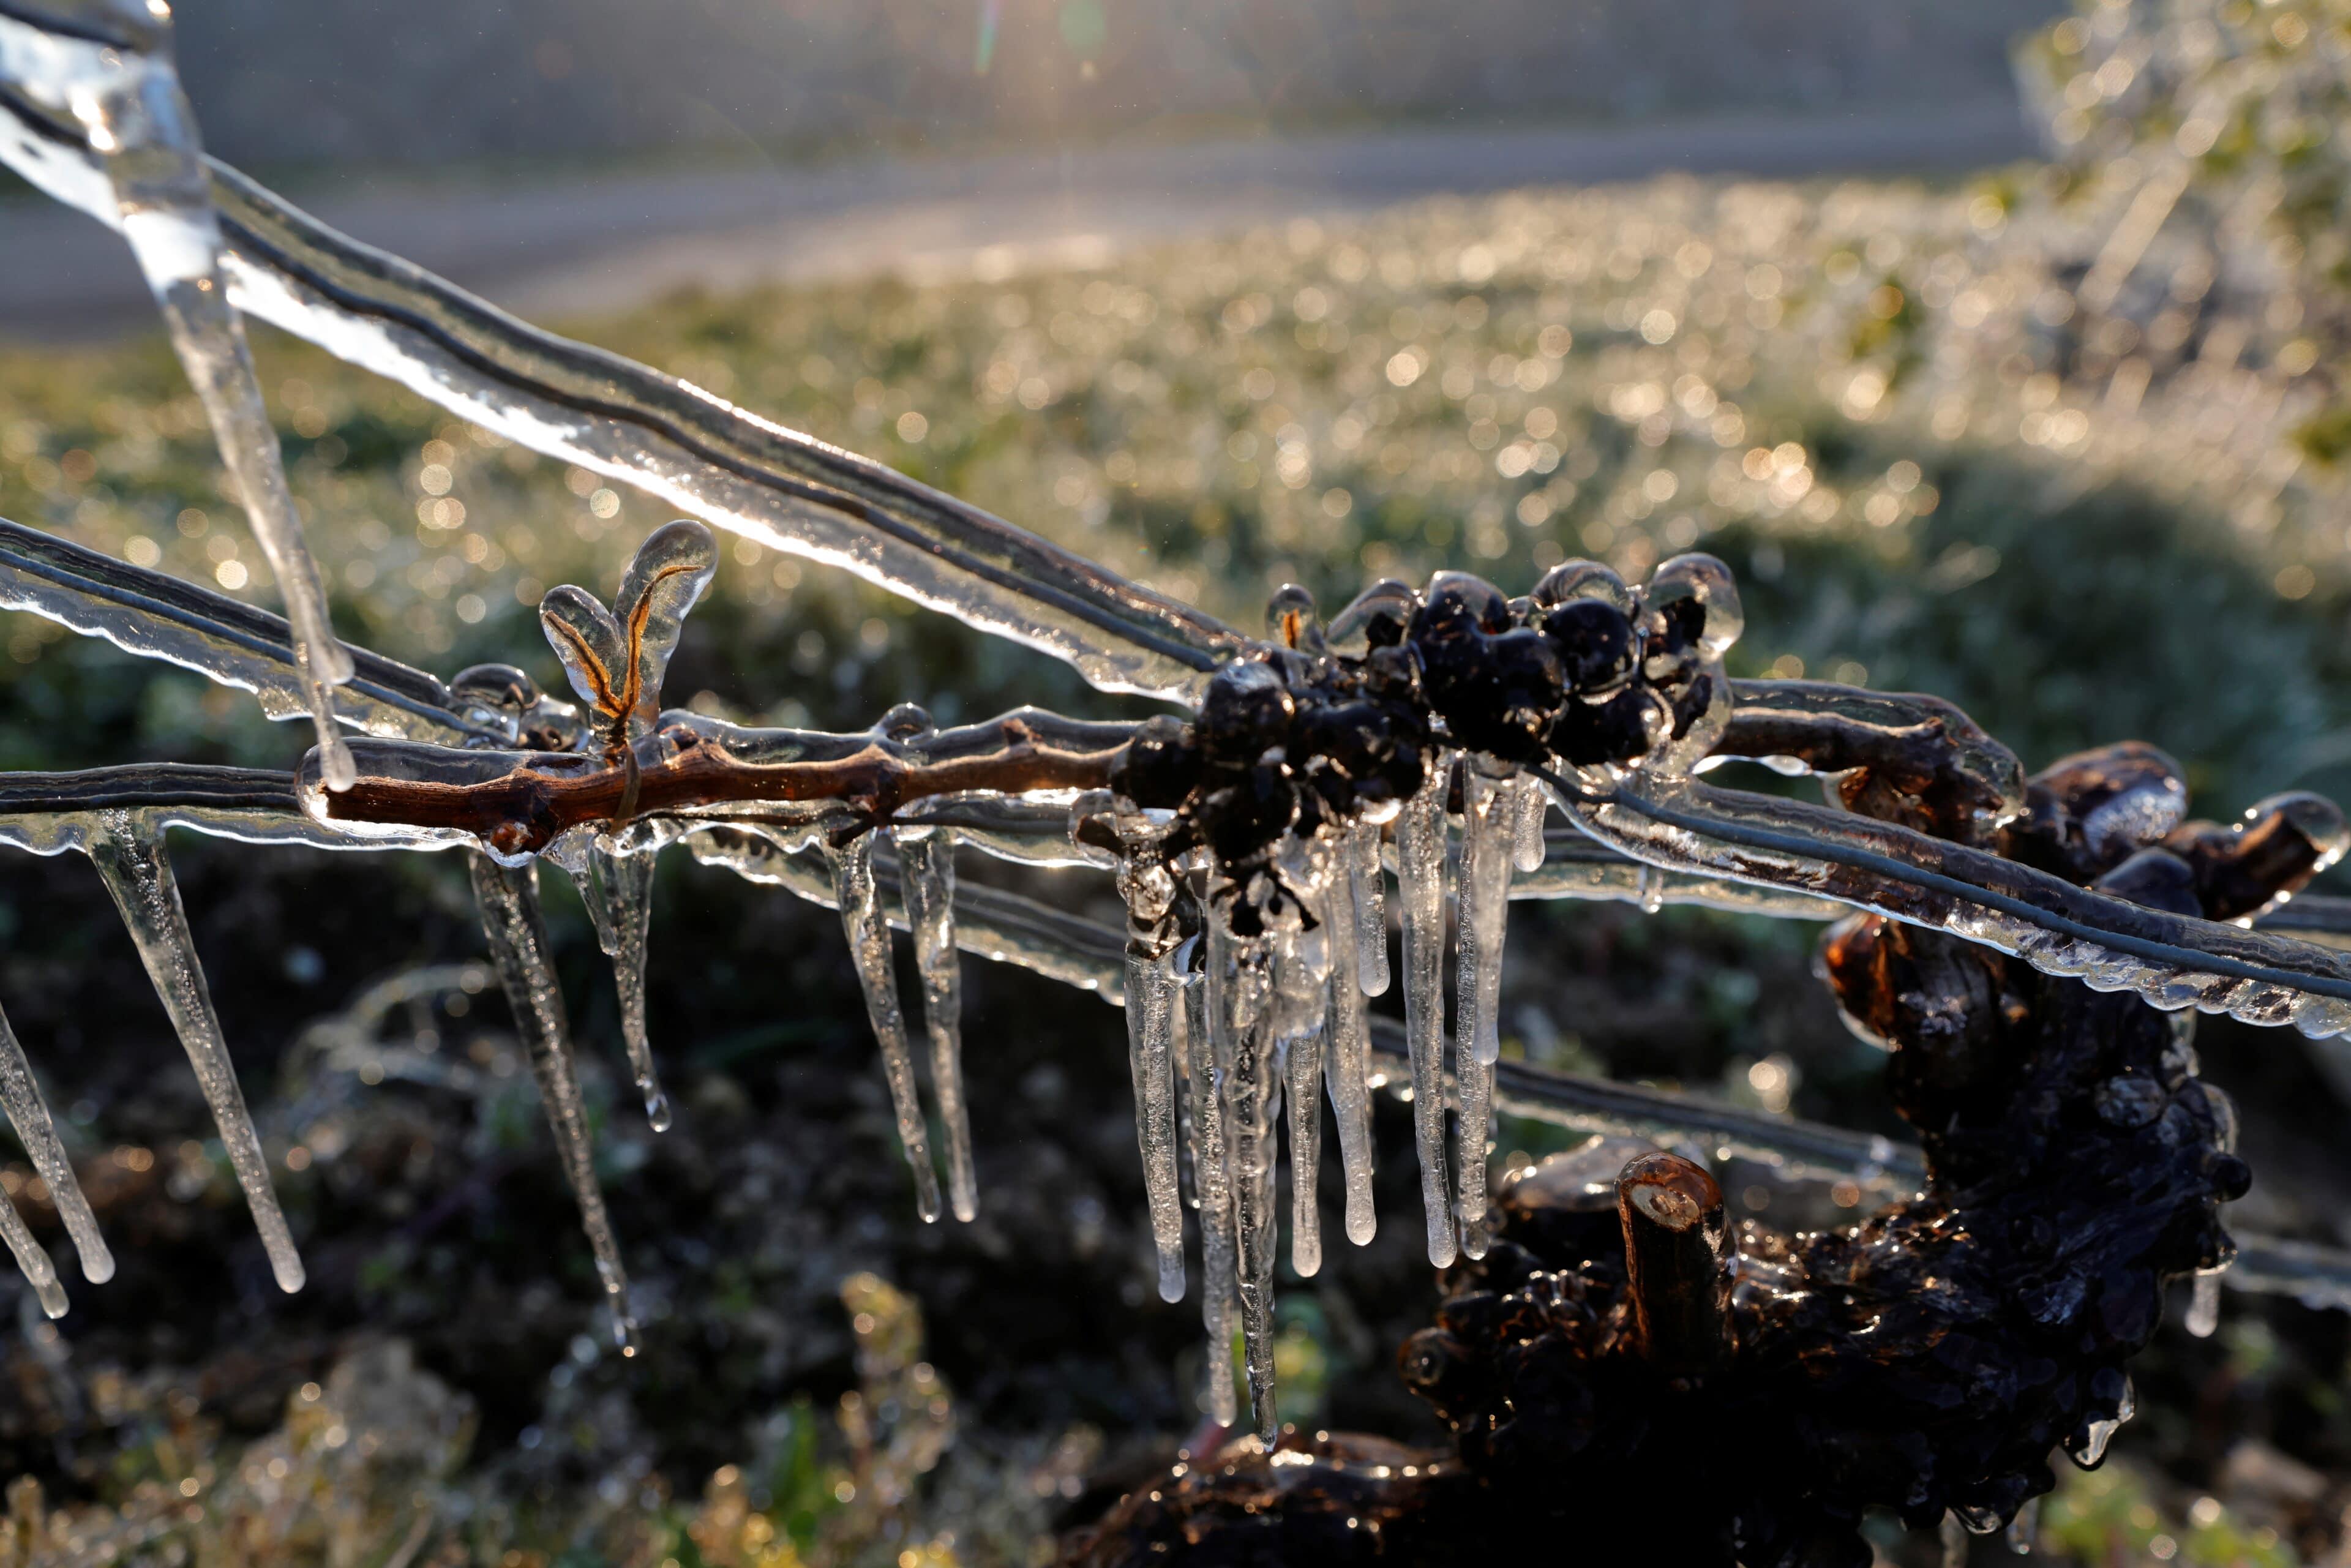 Vinná réva pokrytá vrstvou ledu